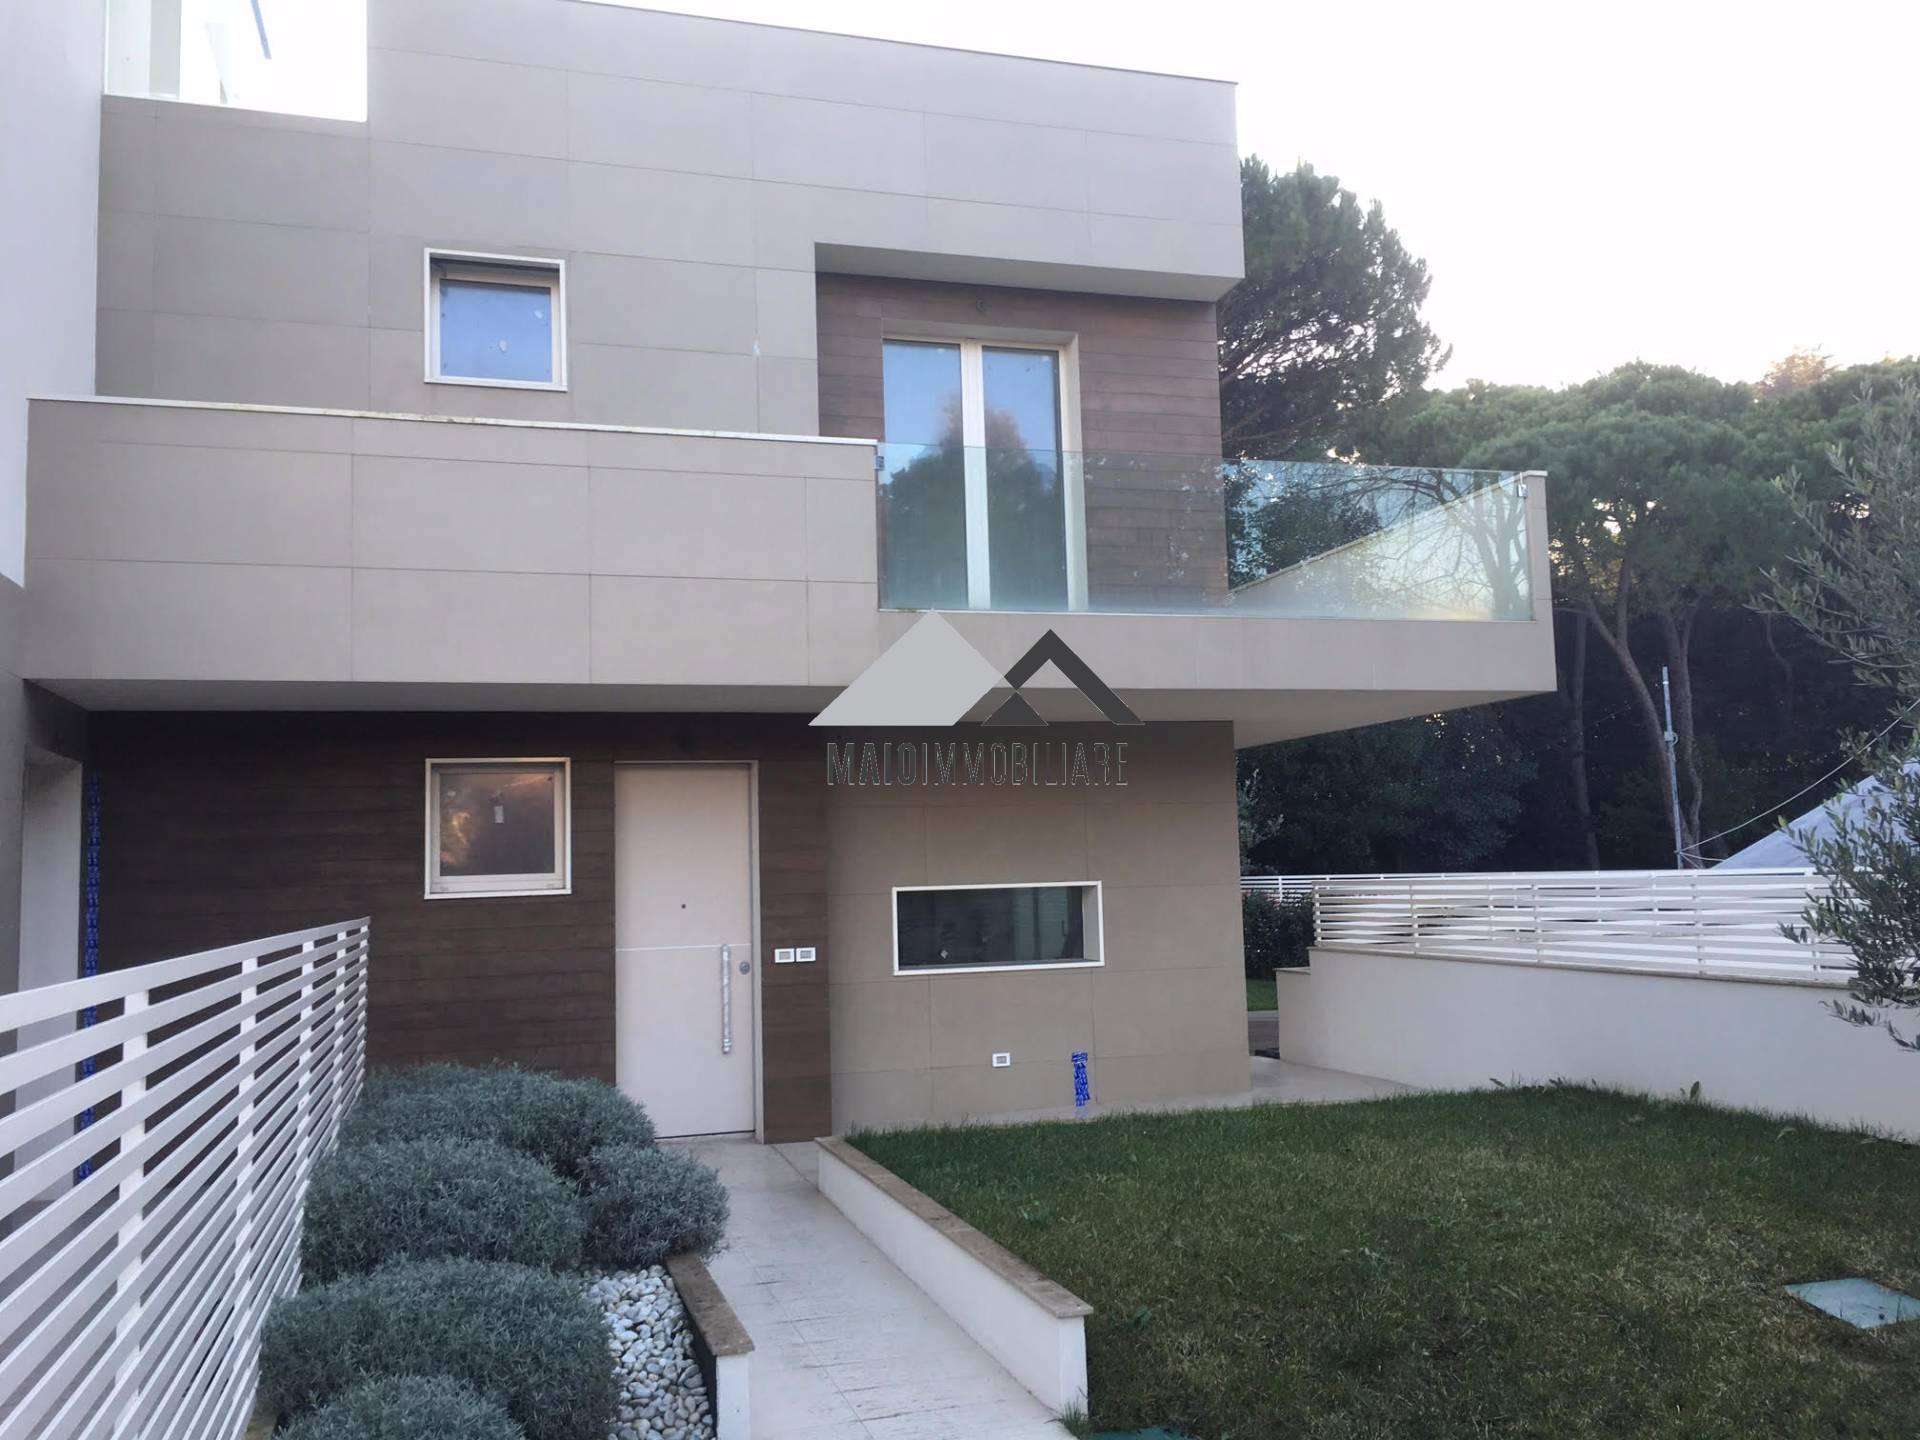 Villa in vendita a Riccione, 4 locali, zona Località: PAESE, prezzo € 1.000.000 | CambioCasa.it